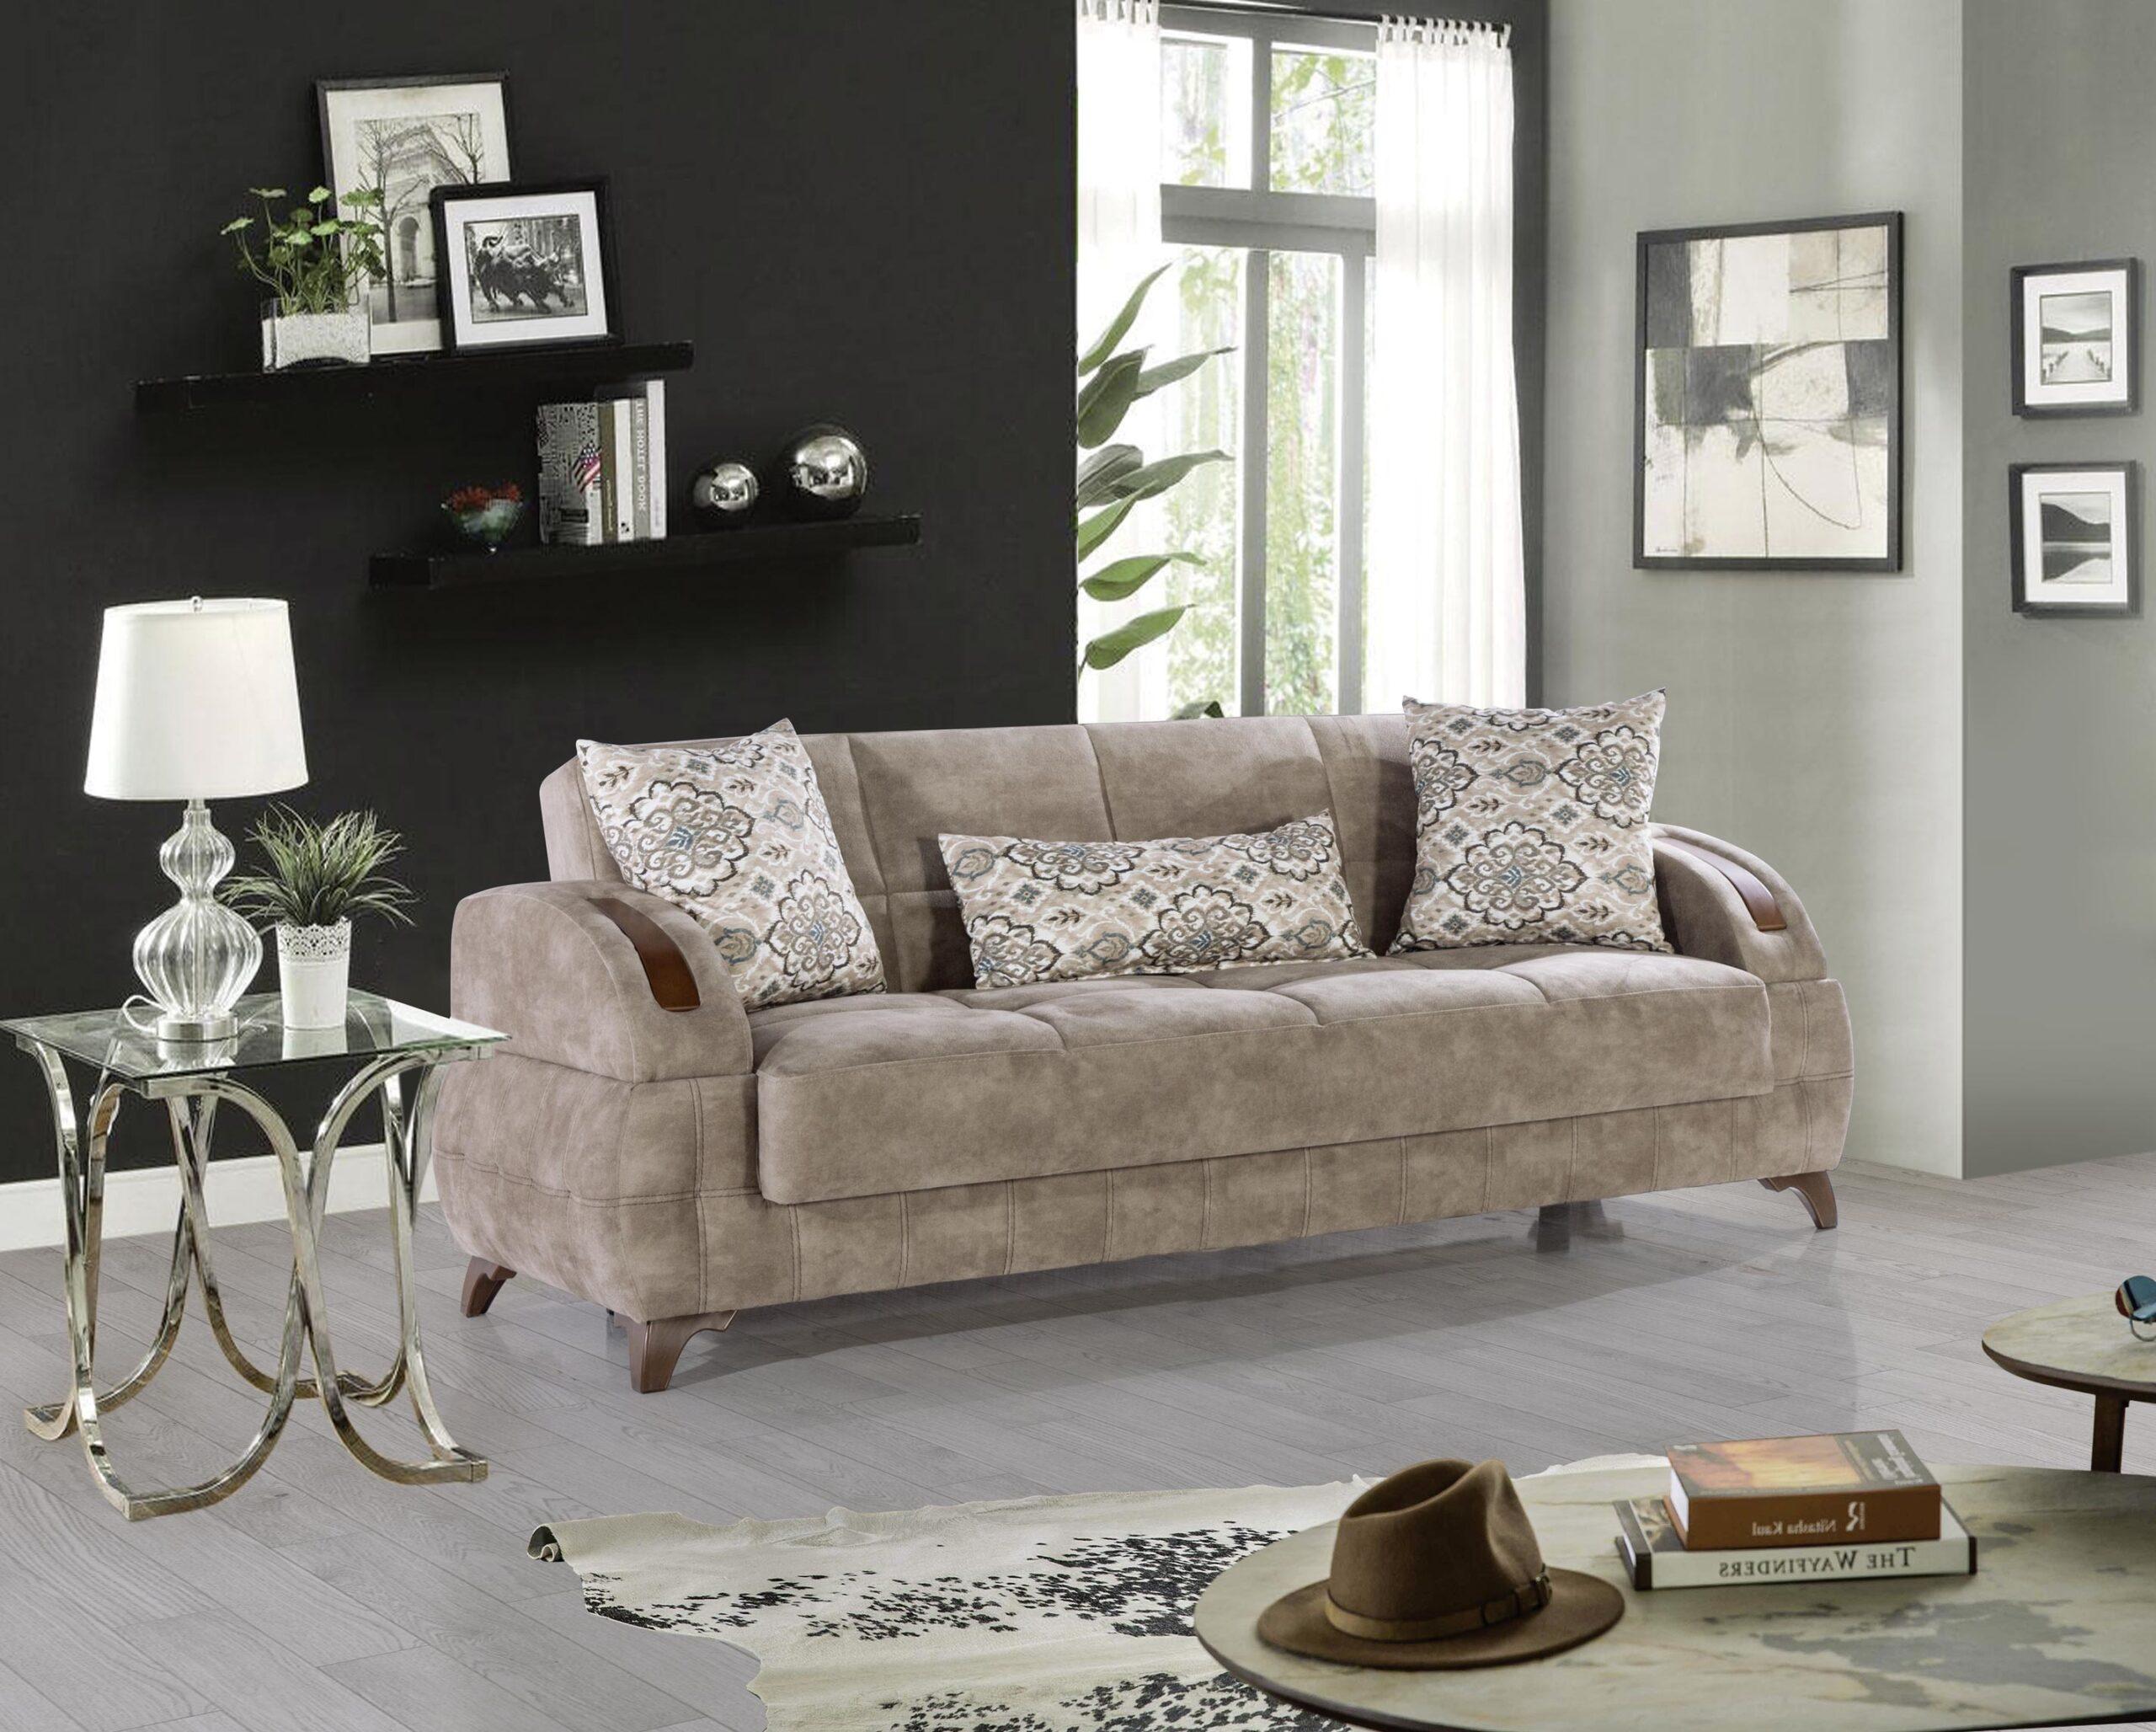 Full Size of Günstige Sofa Gnstige Couch Wildleder Regale 3er Grau Altes Günstig Kaufen Betten 140x200 Landhausstil Schlafsofa Liegefläche 180x200 Große Kissen 2er Sofa Günstige Sofa